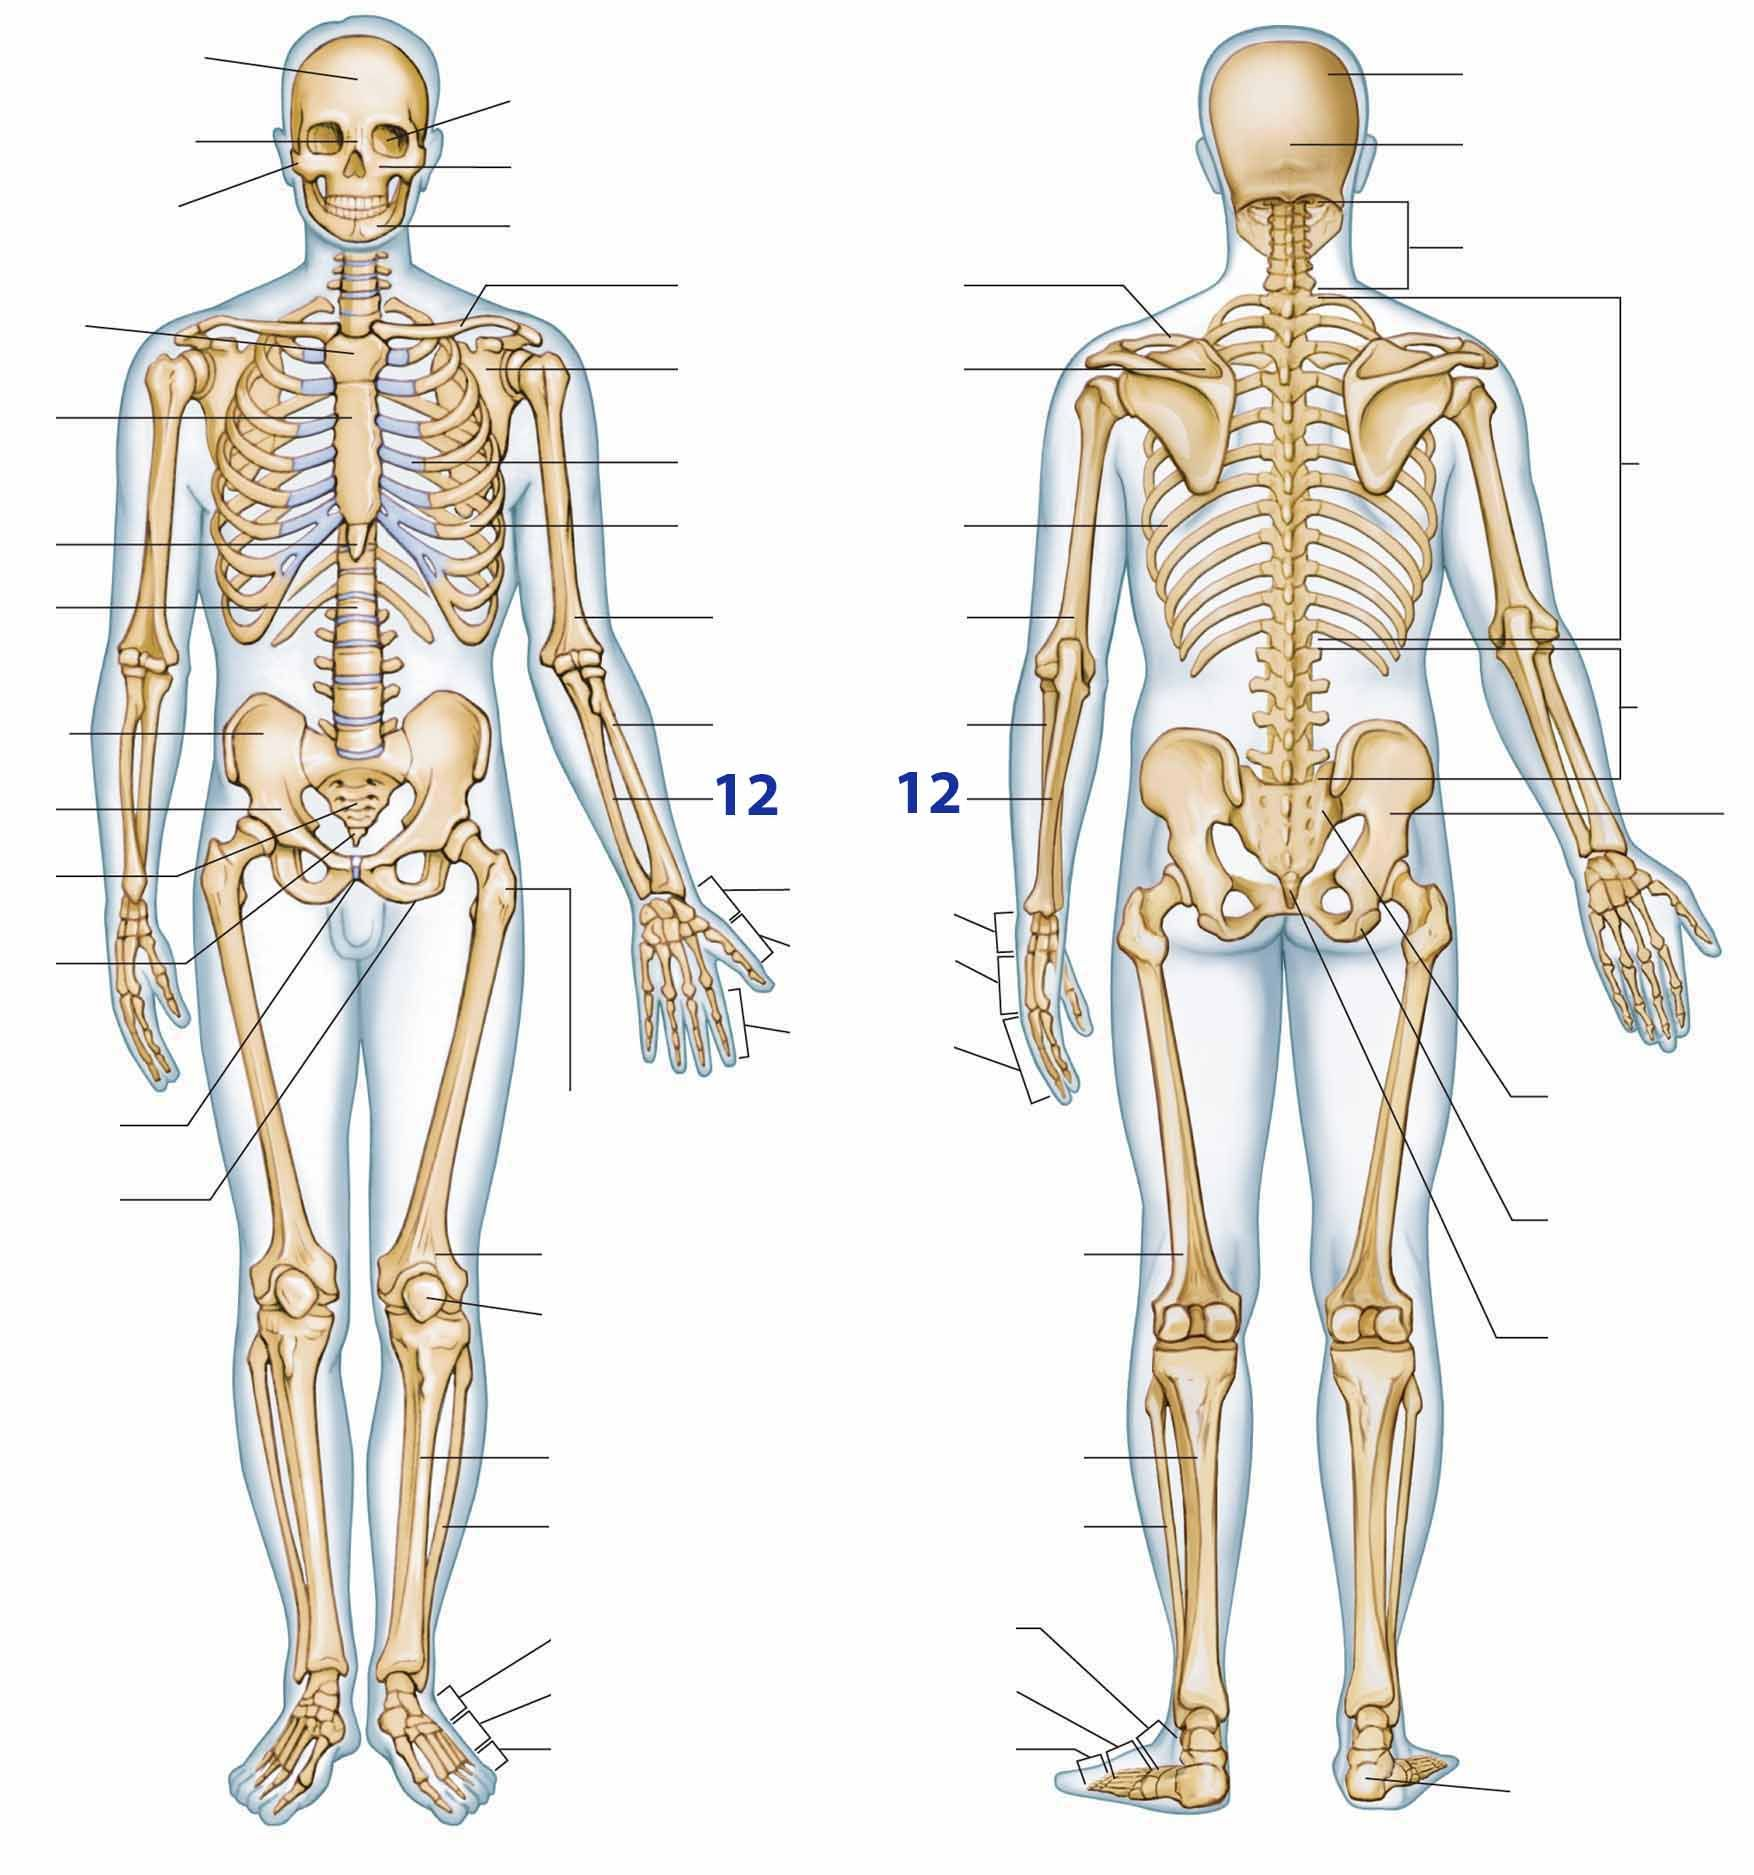 Uitgelezene botten skelet oefenen (met afbeeldingen) | Anatomie en fysiologie UJ-31